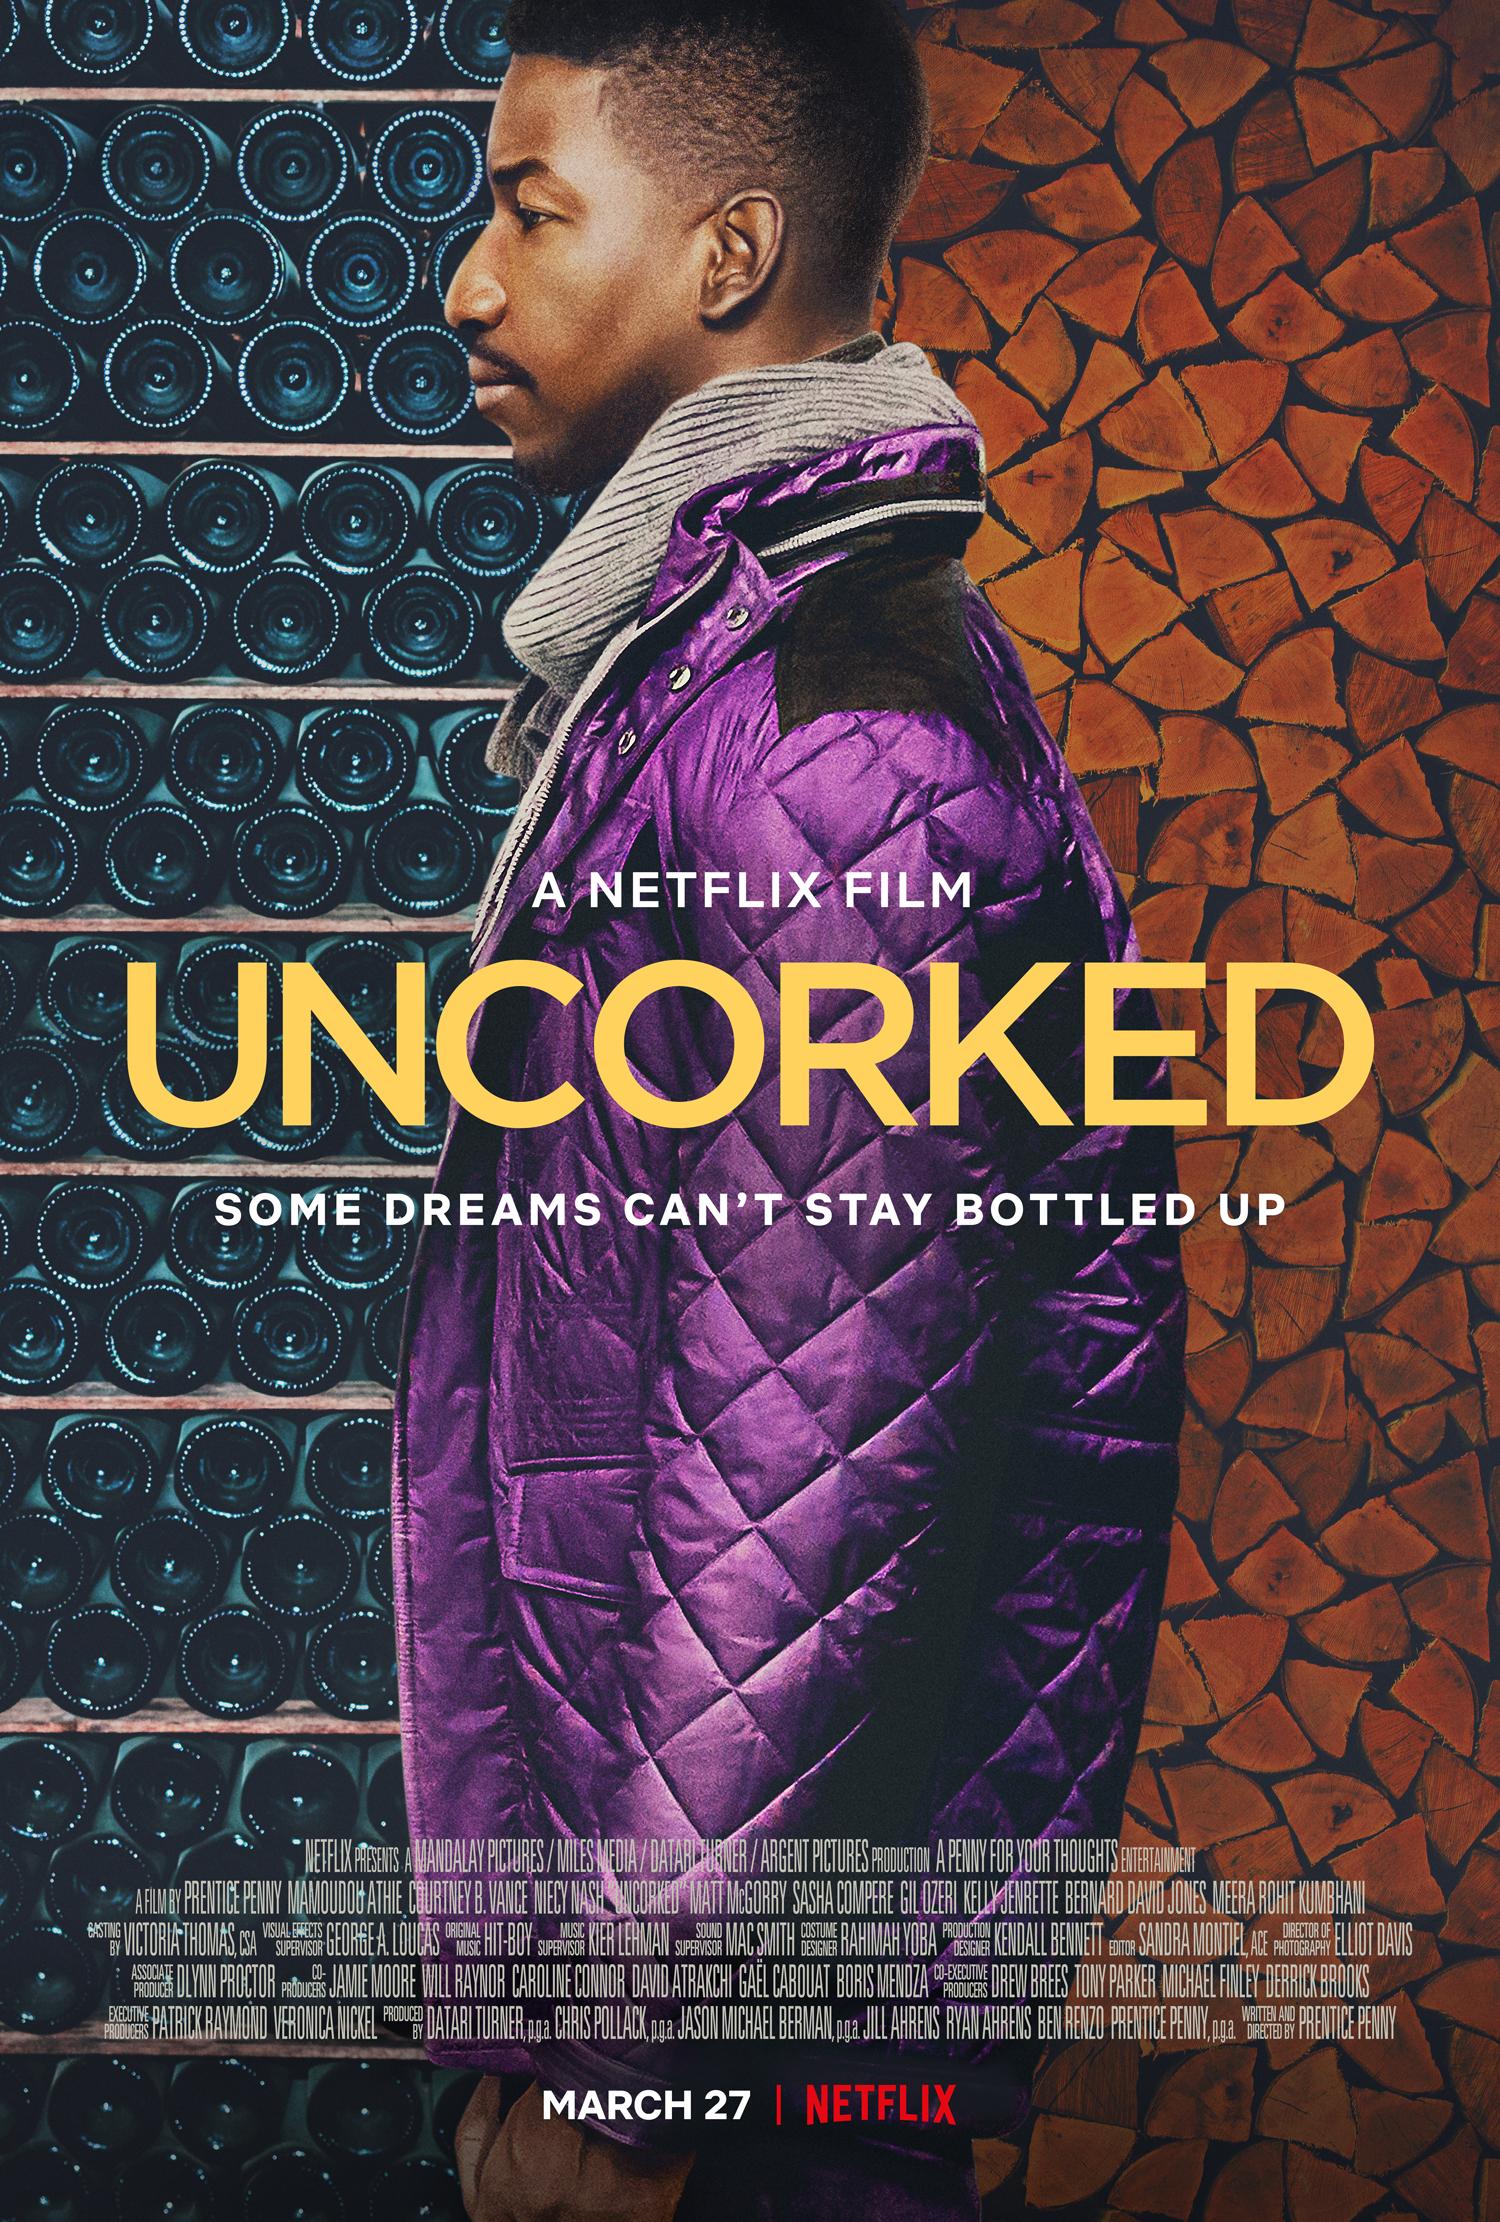 Key Art for Netflix movie Uncorked